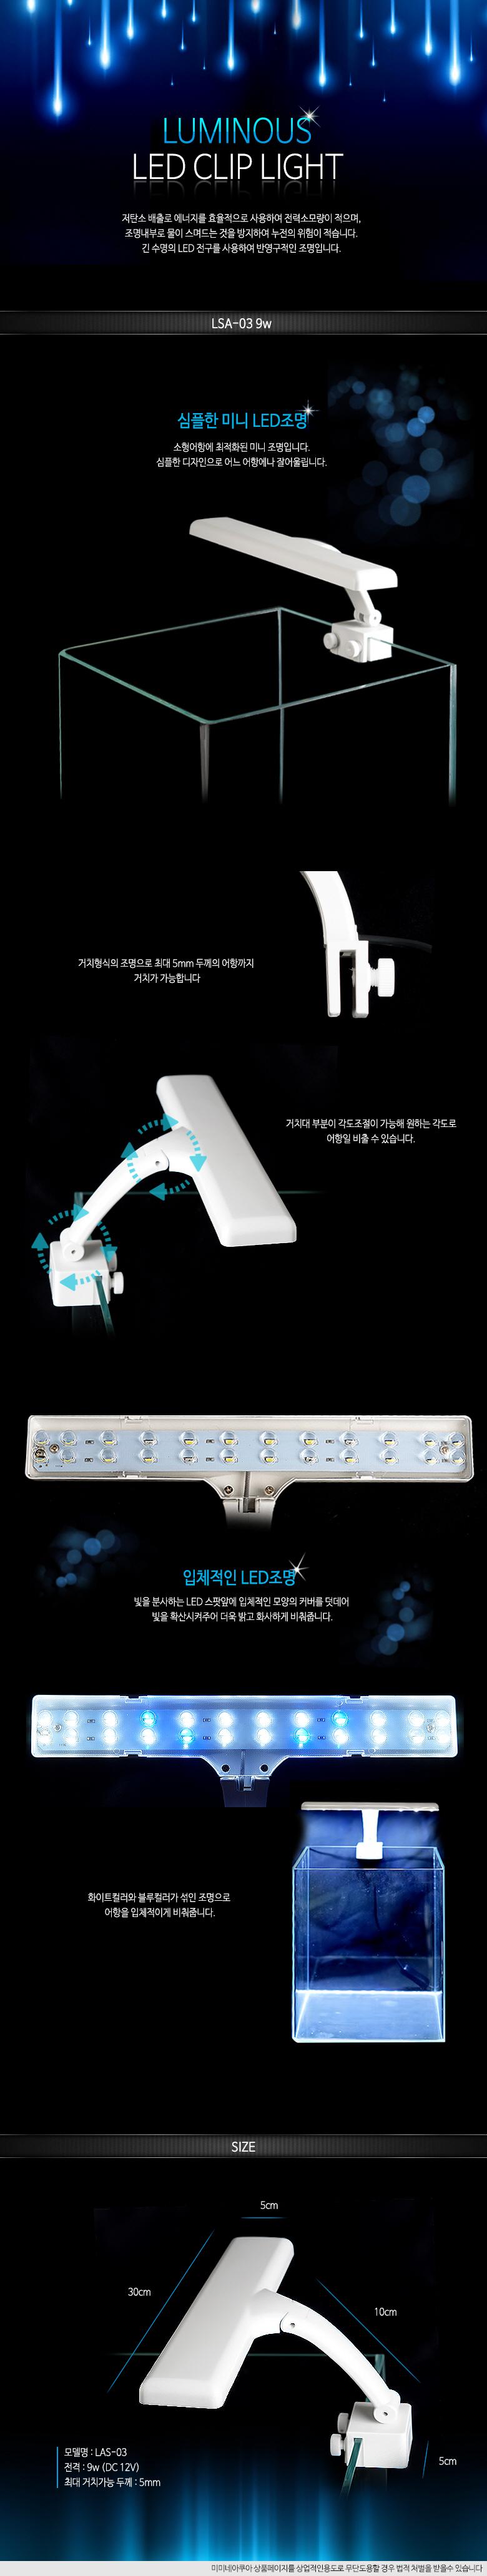 이스타 루미너스 LED조명 9w(LAS-03) - 미미네아쿠아, 26,000원, 부속품, 조명